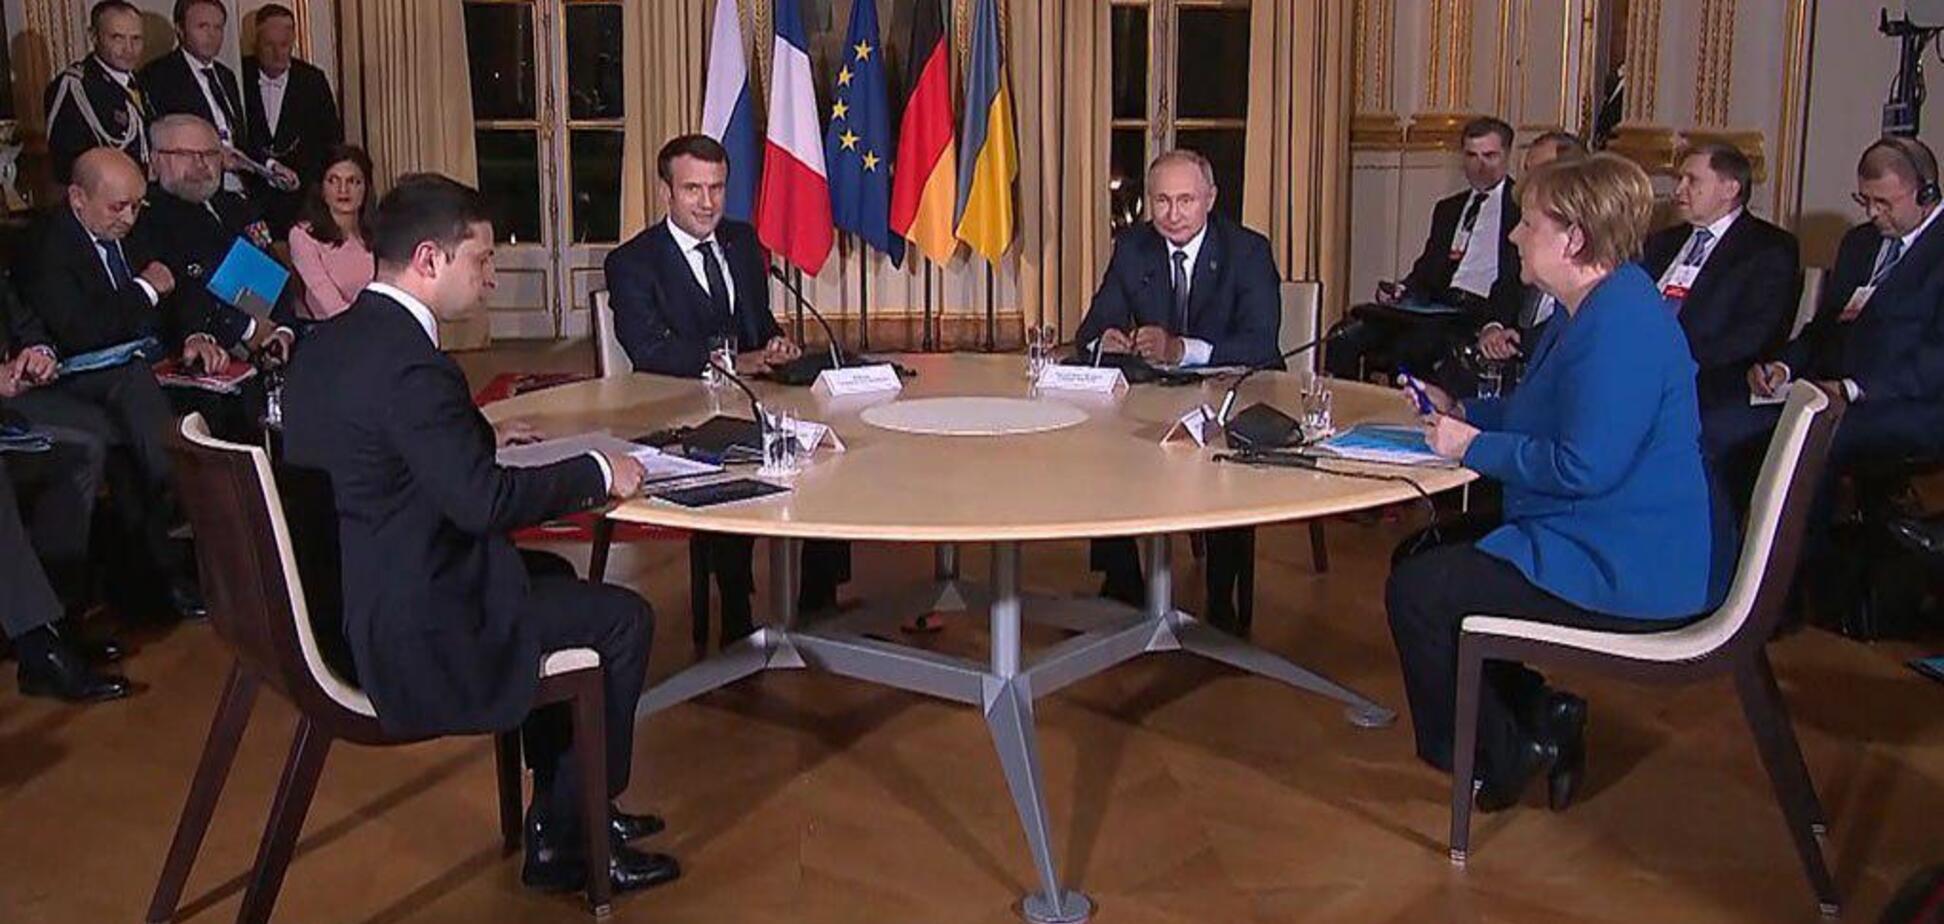 Зеленський не потиснув руку Путіну? З'явилася суперечлива інформація